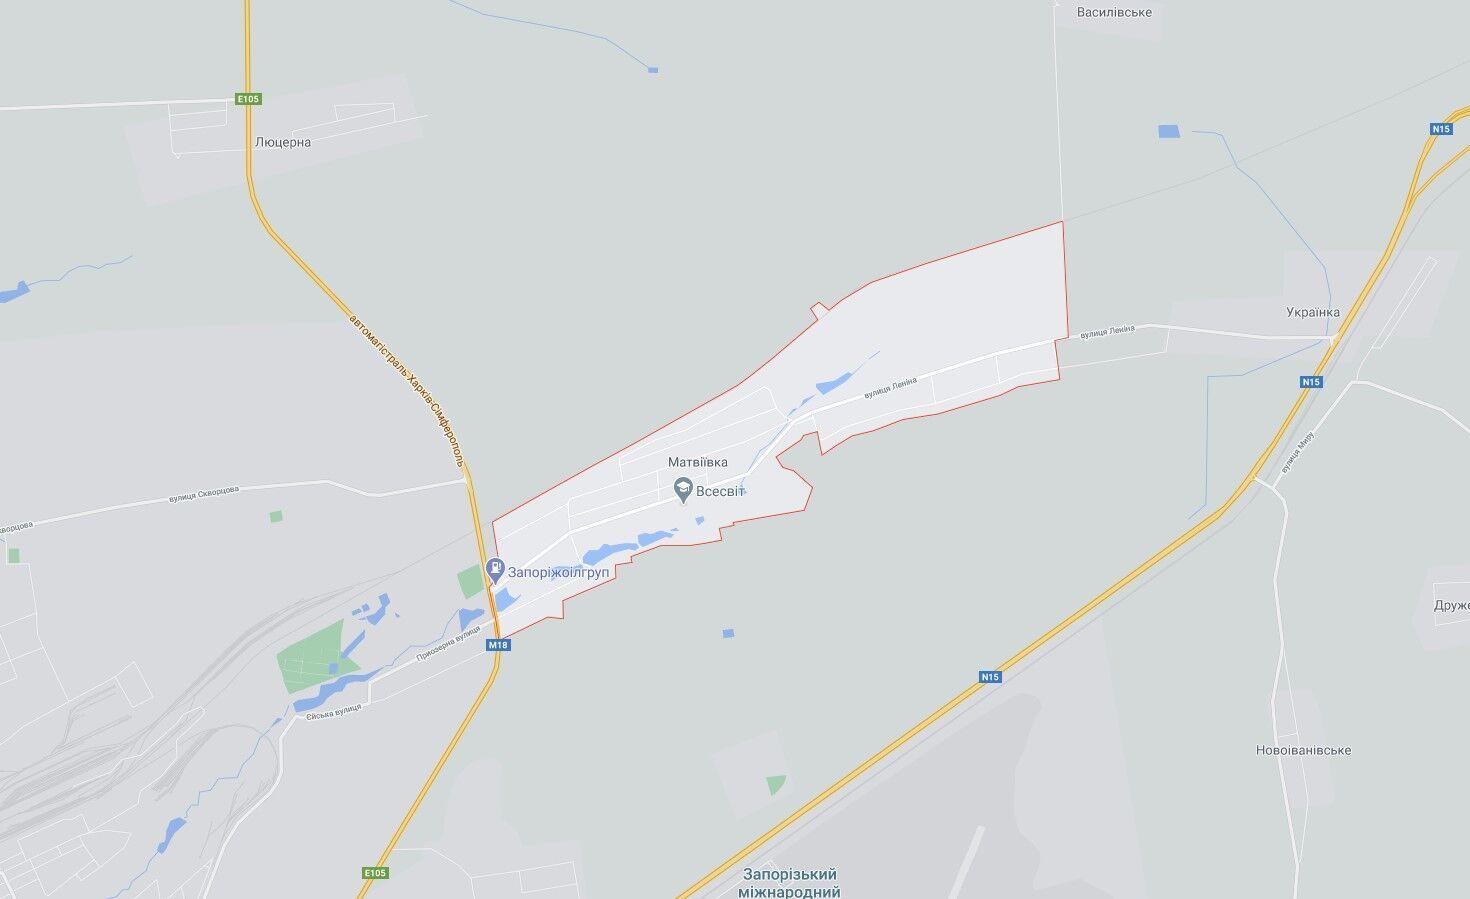 ДТП произошло неподалеку села Матвеевка.